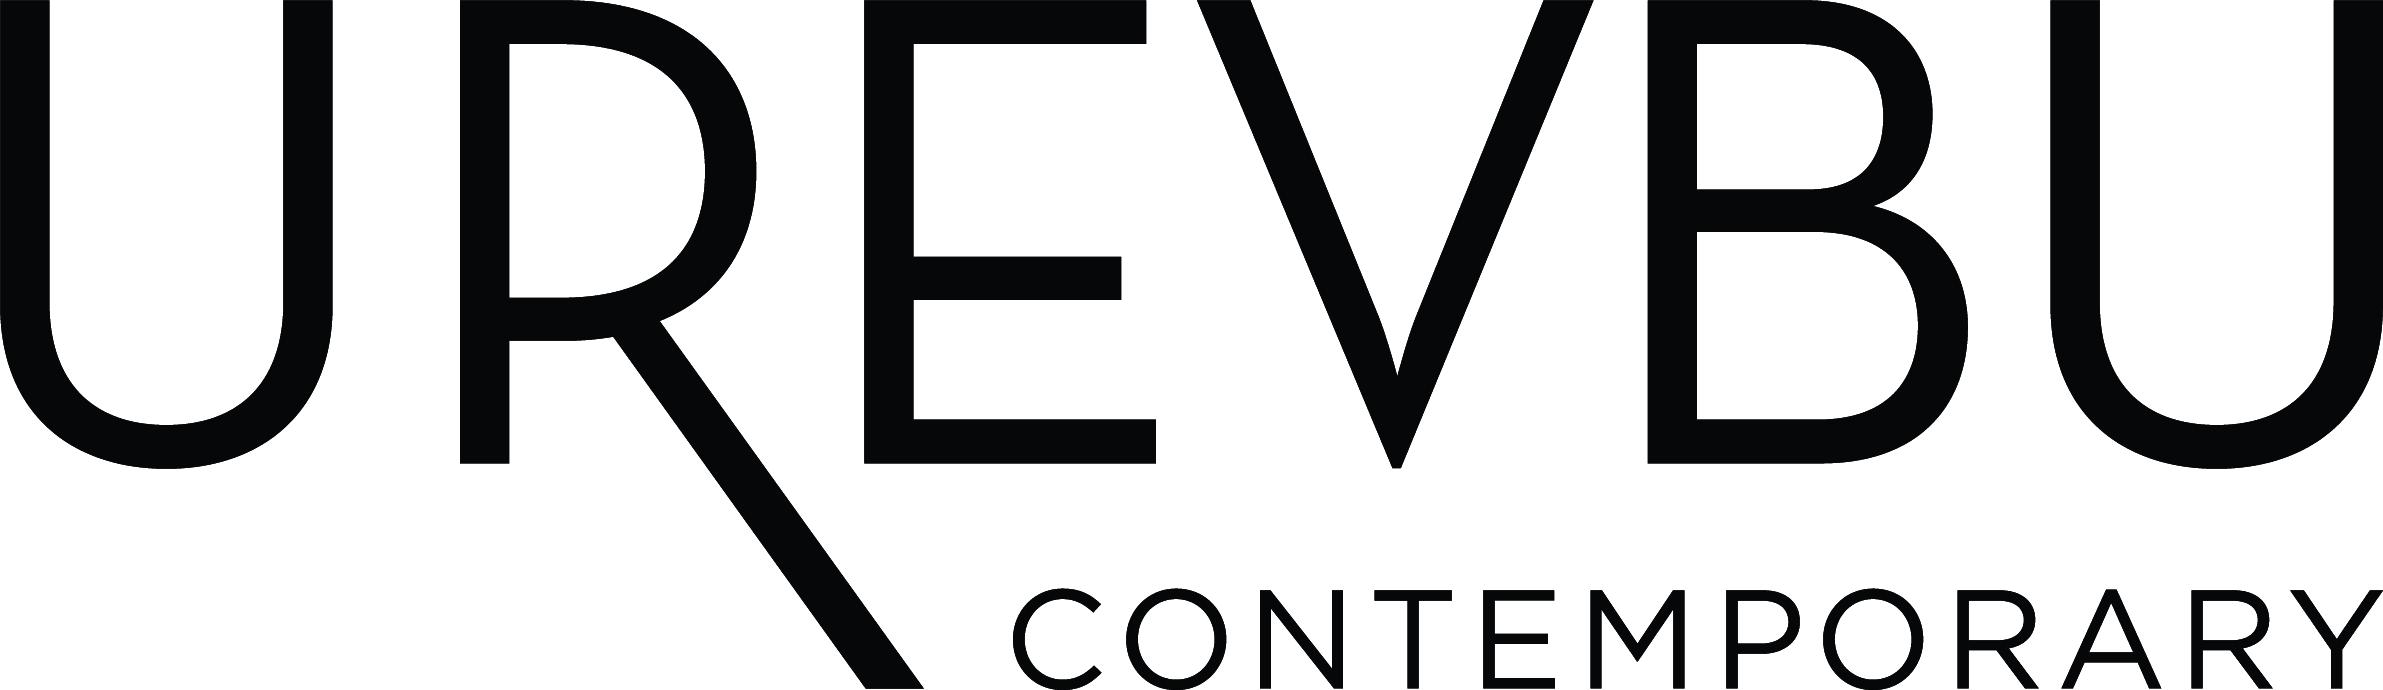 Urevbu Contemporary company logo